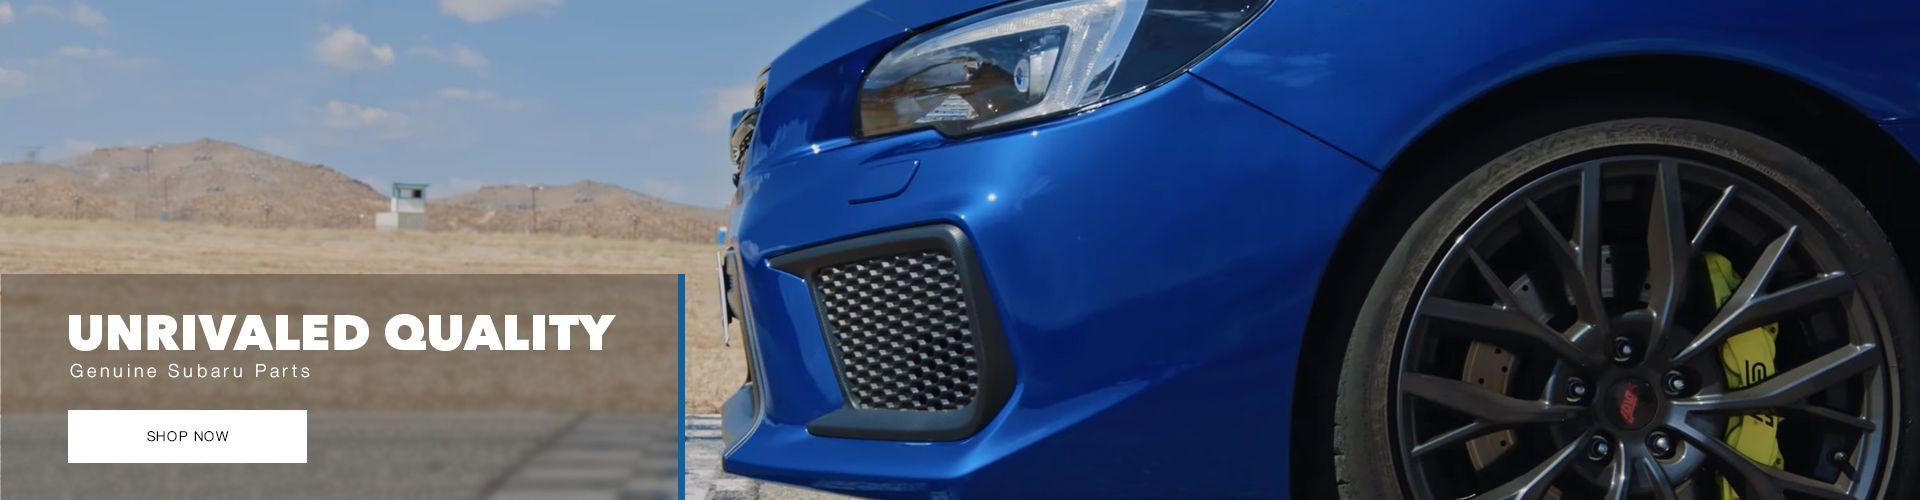 Buy Genuine Subaru Parts Now